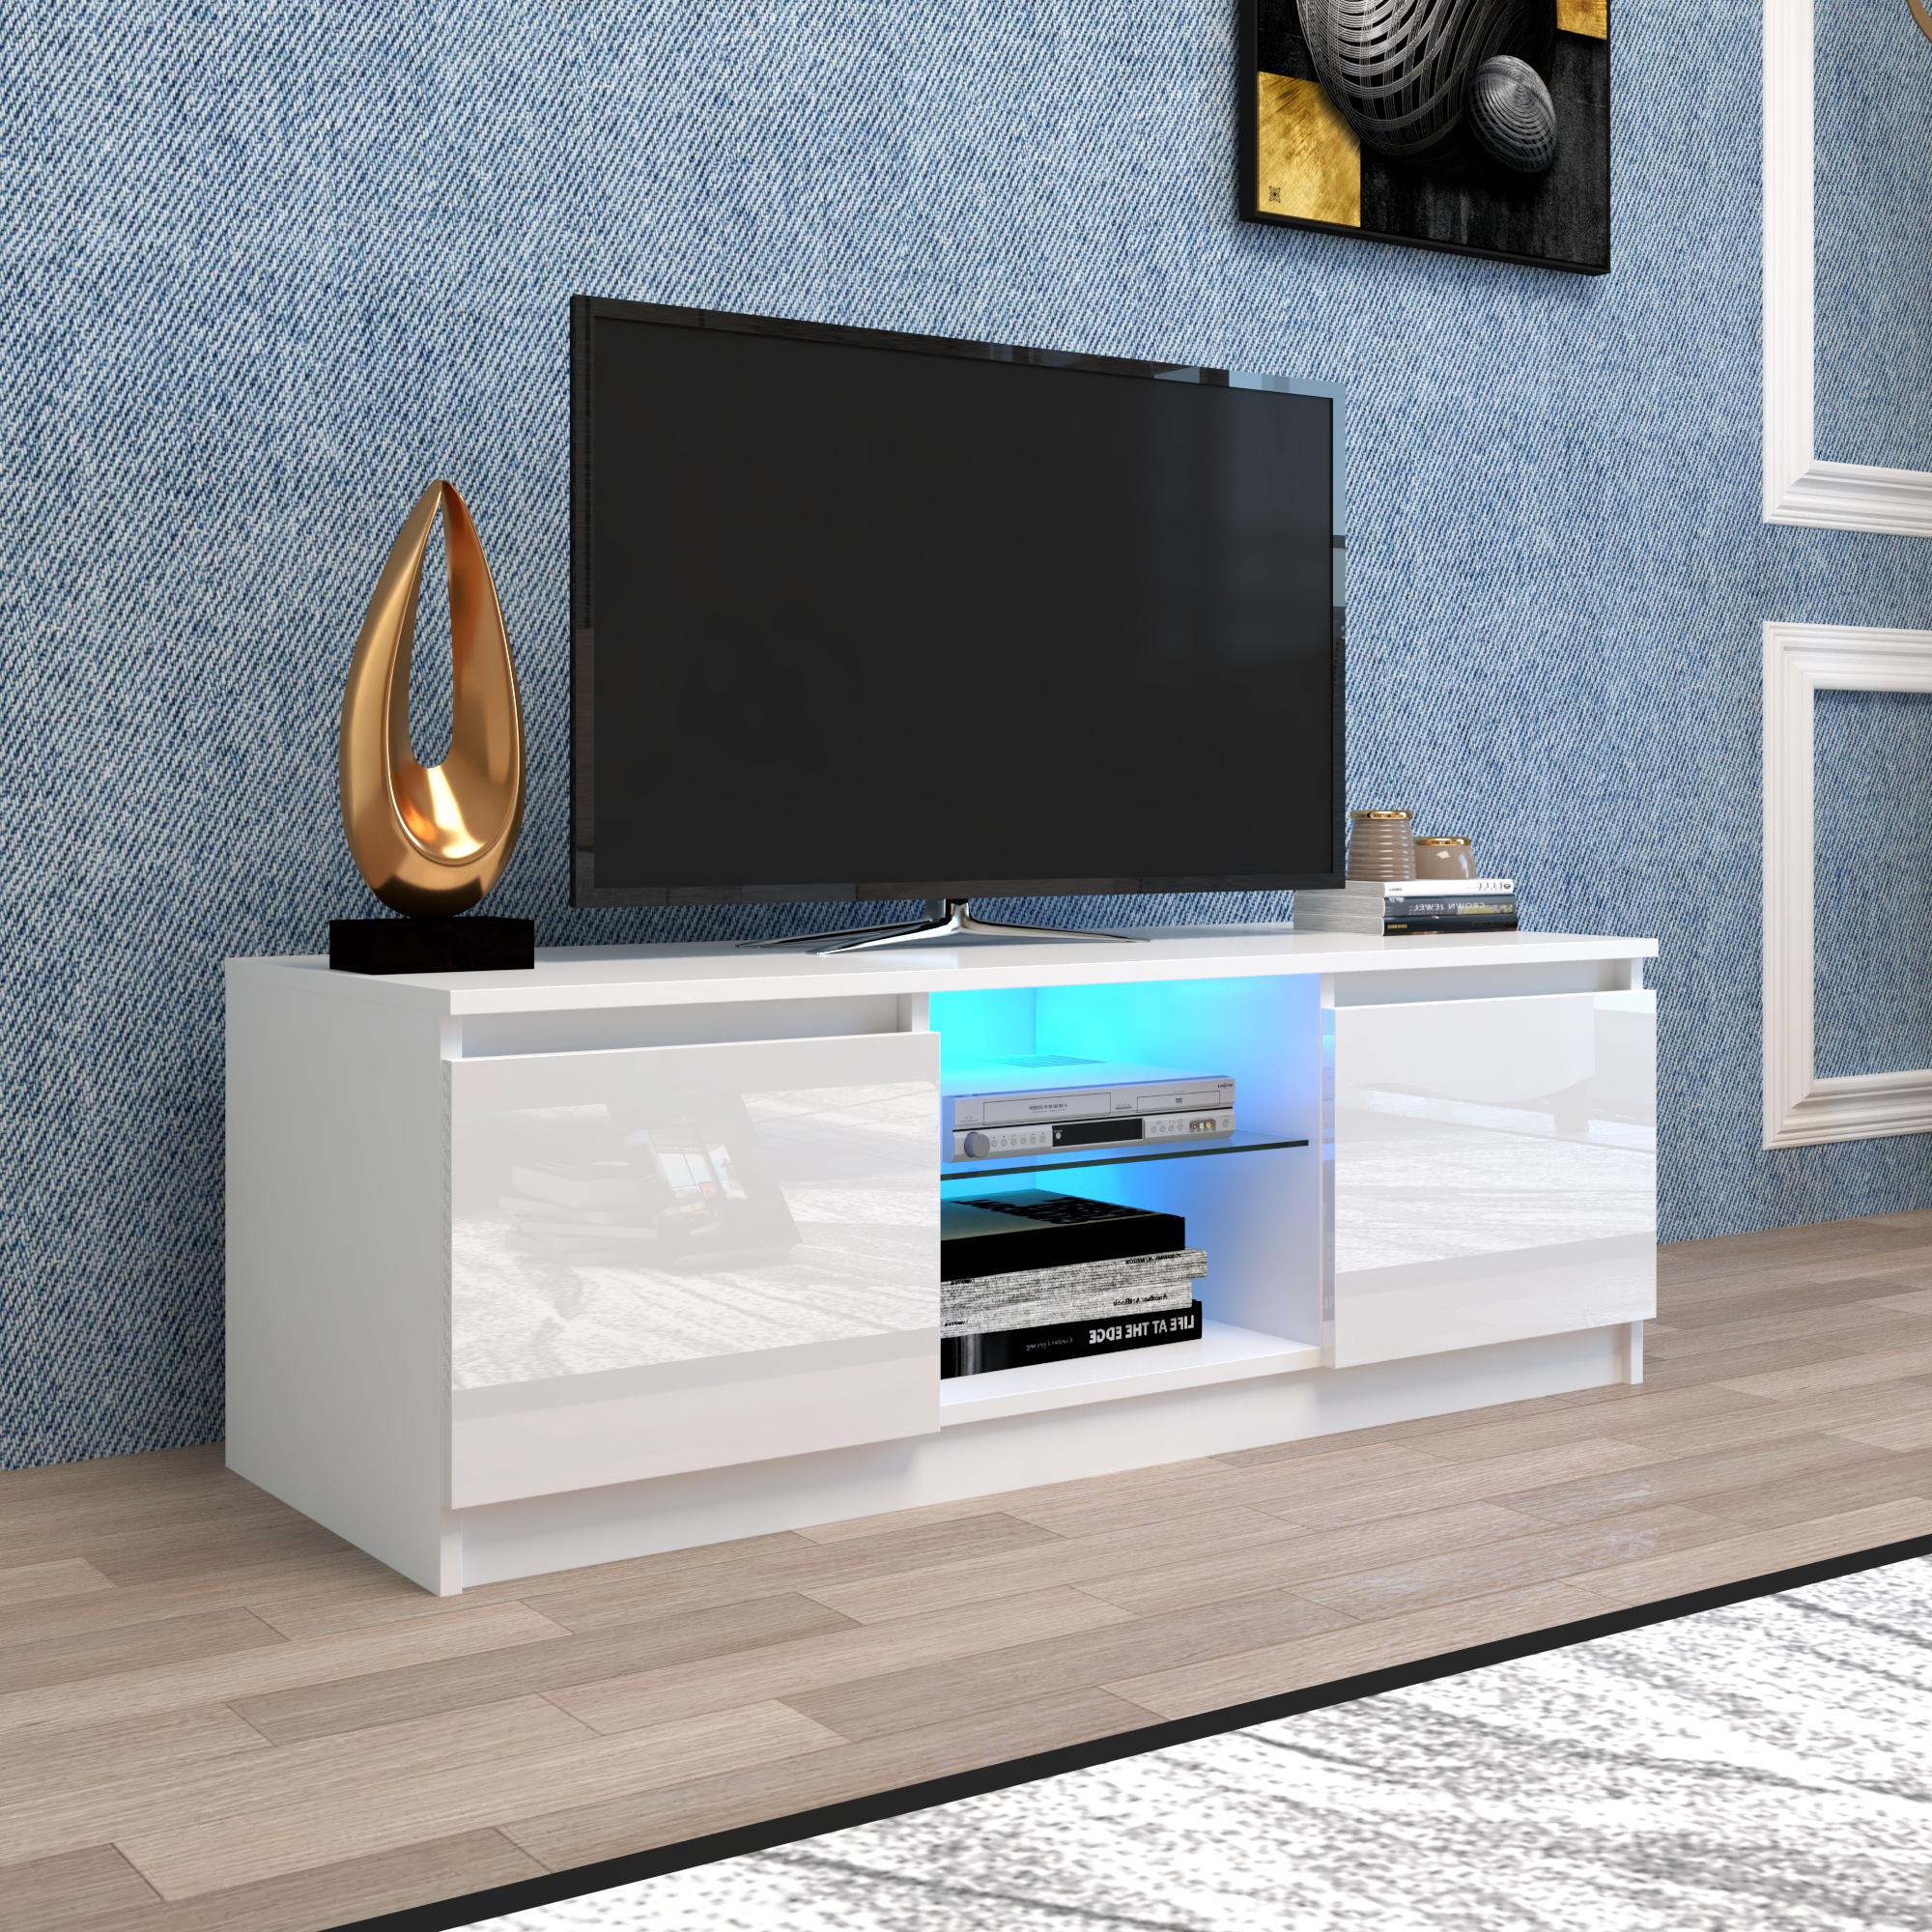 Entertainment Center For Tvs, Modern White Tv Stand With With Corner Entertainment Tv Stands (View 14 of 20)